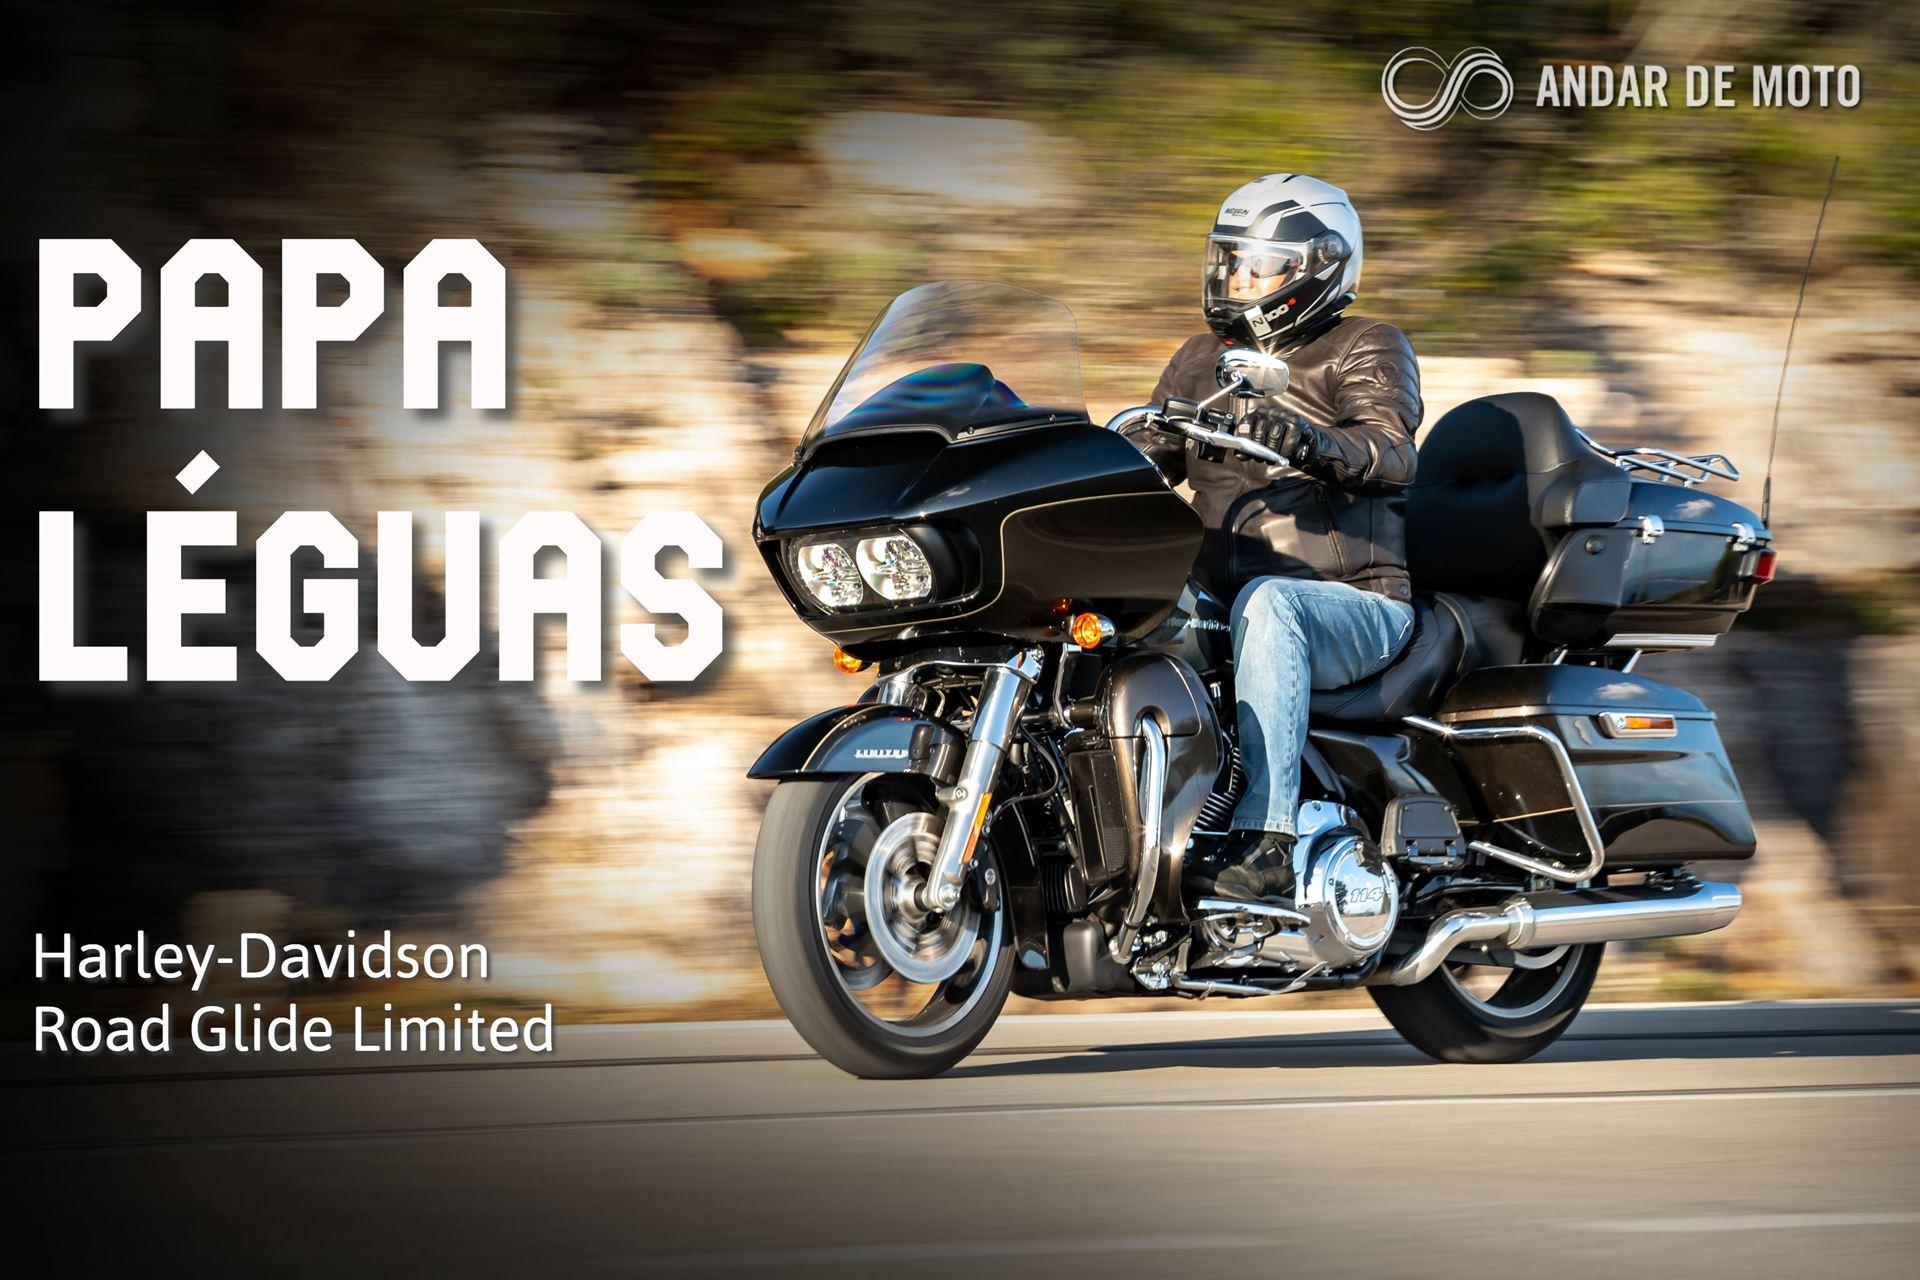 Teste Harley Davidson Road Glide Limited Papa Leguas Test Drives Andar De Moto Brasil